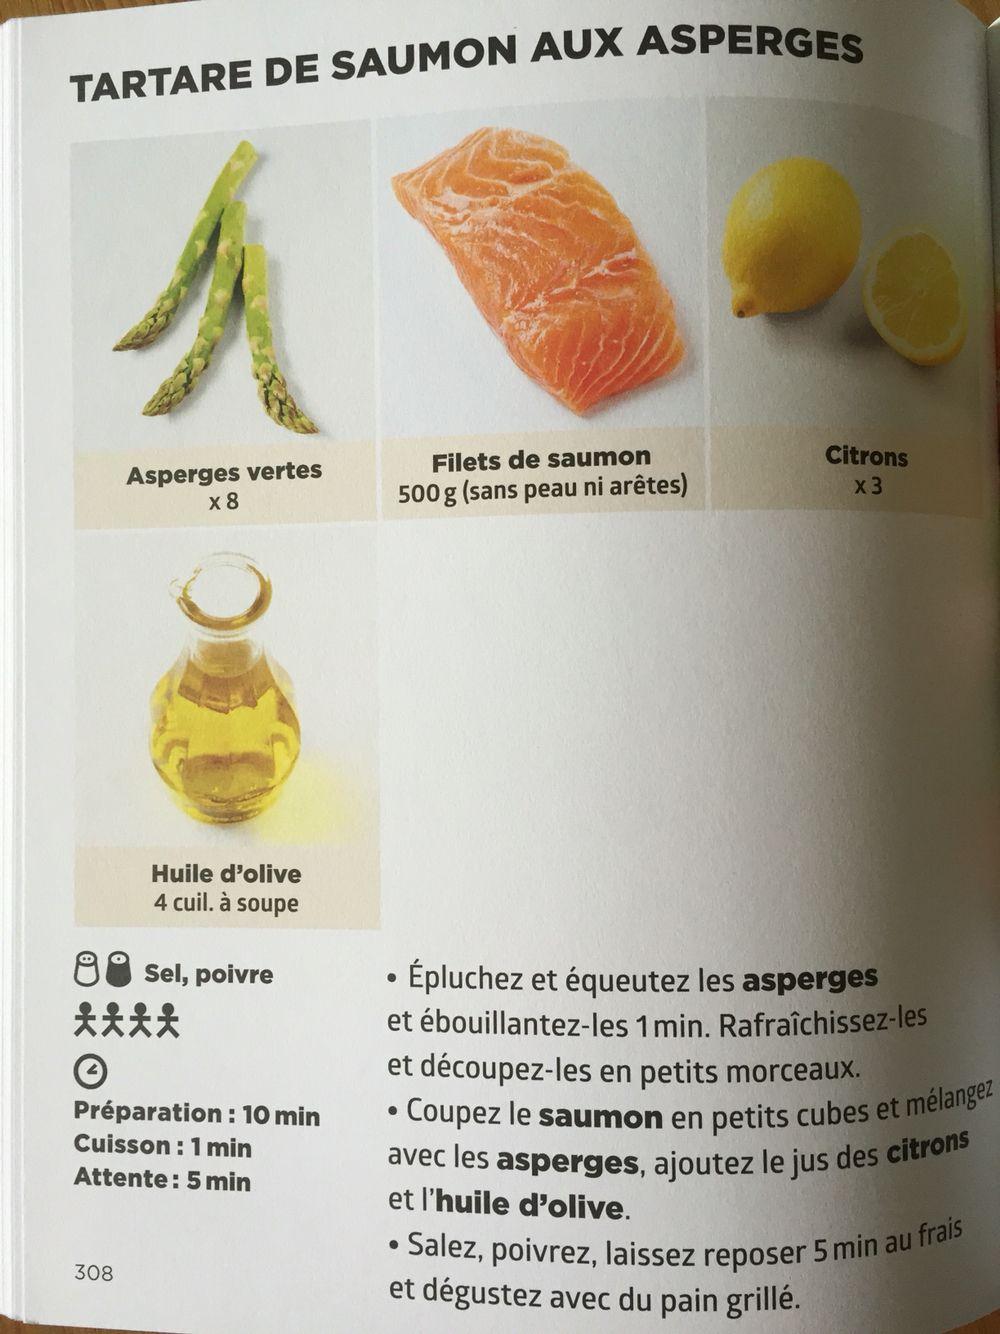 Tartare de saumon aux asperges | Recette de J.F. MALLET ...